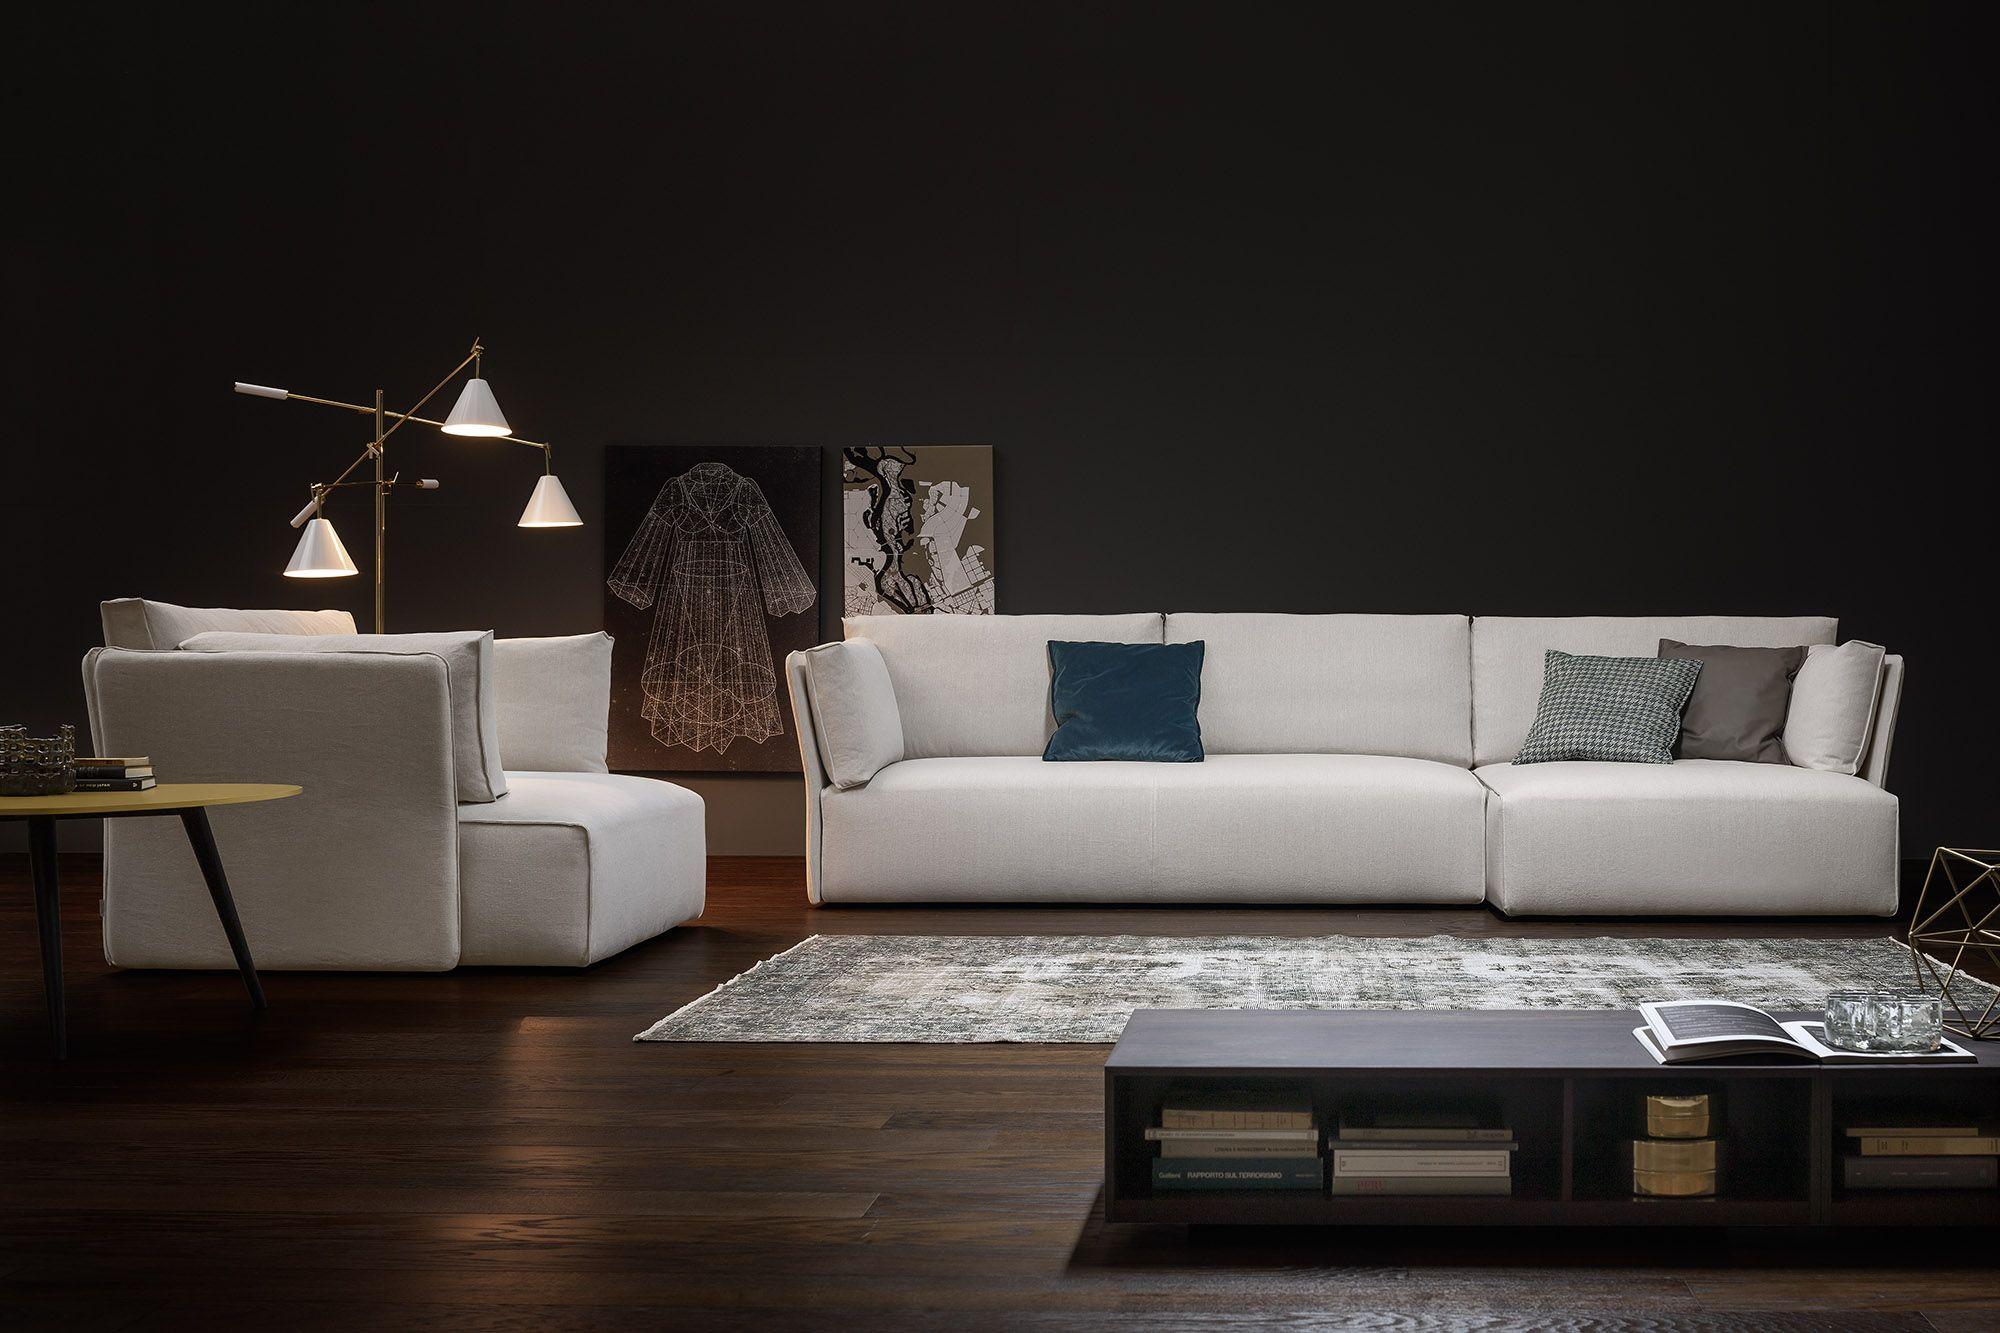 Sofas | Pinterest | Wohnzimmer sessel, Modernes sofa und Sofa couch